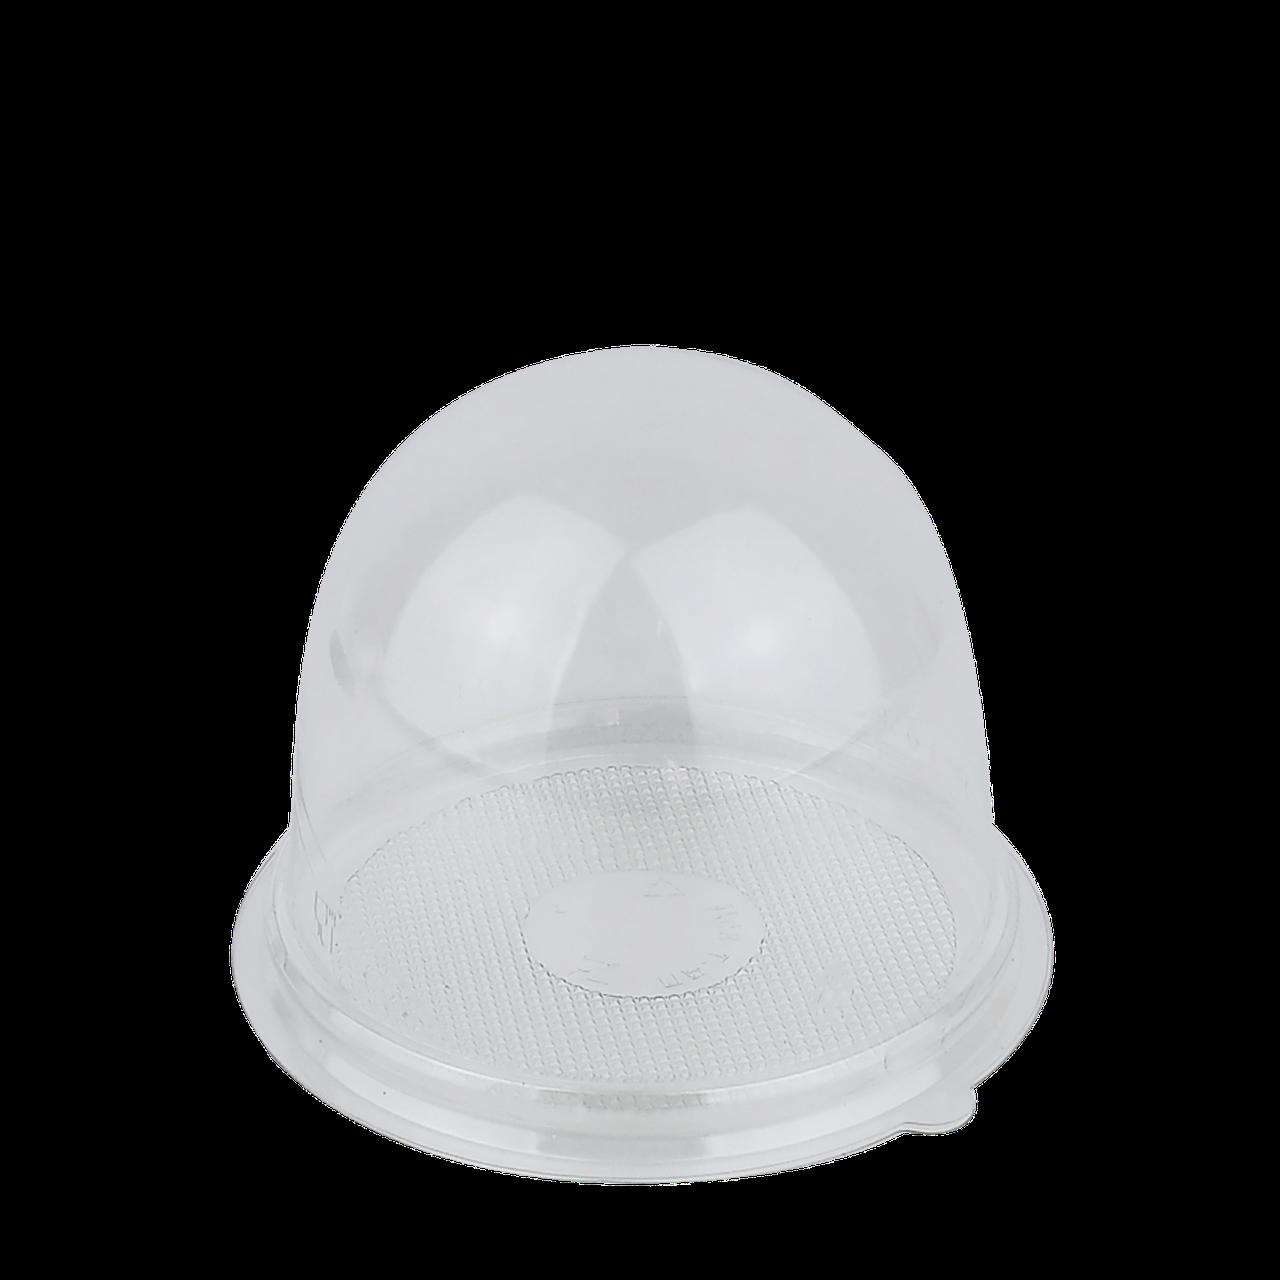 Упаковка с крышкой прозрачная для маффина/макарун,110х82мм(внутренние размеры 90x80мм)(65 шт в уп.)